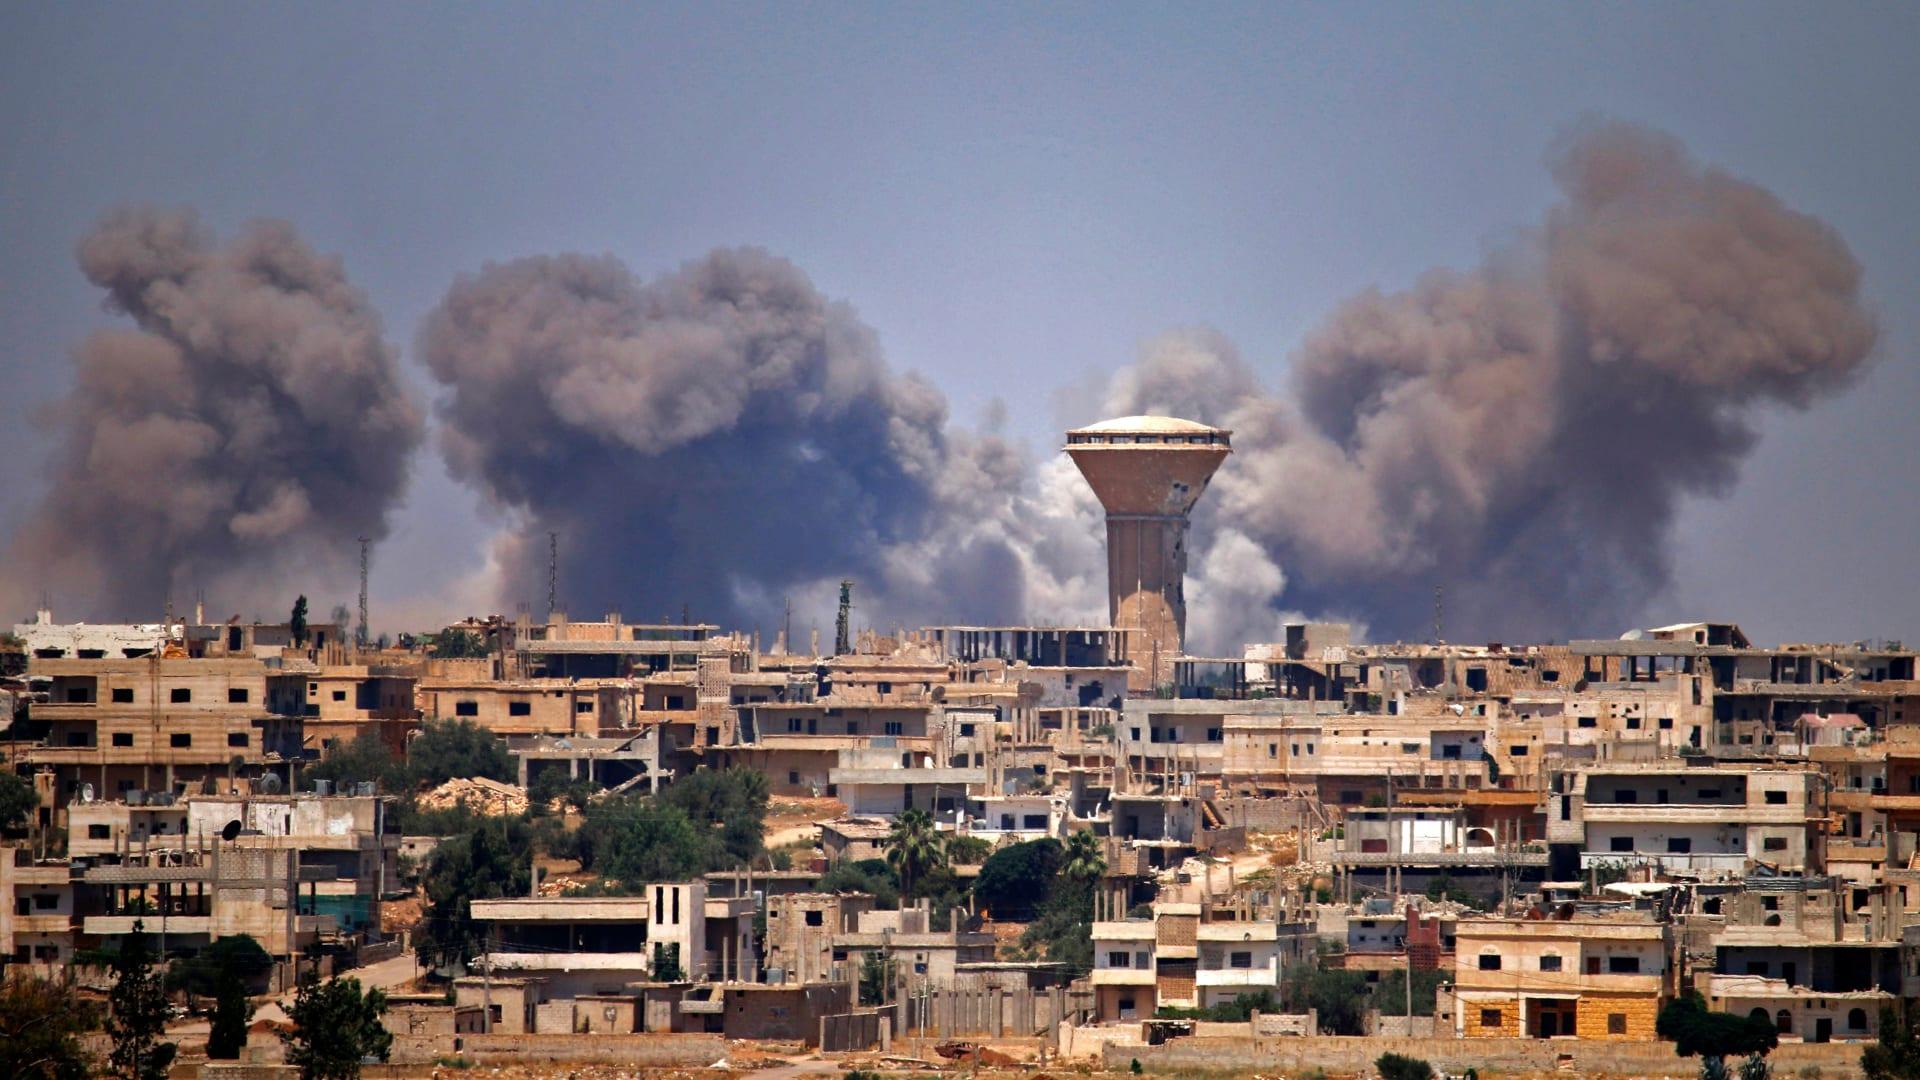 الجباوي لـCNN: اتفاق جزئي بين المعارضة وروسيا في الجنوب السوري